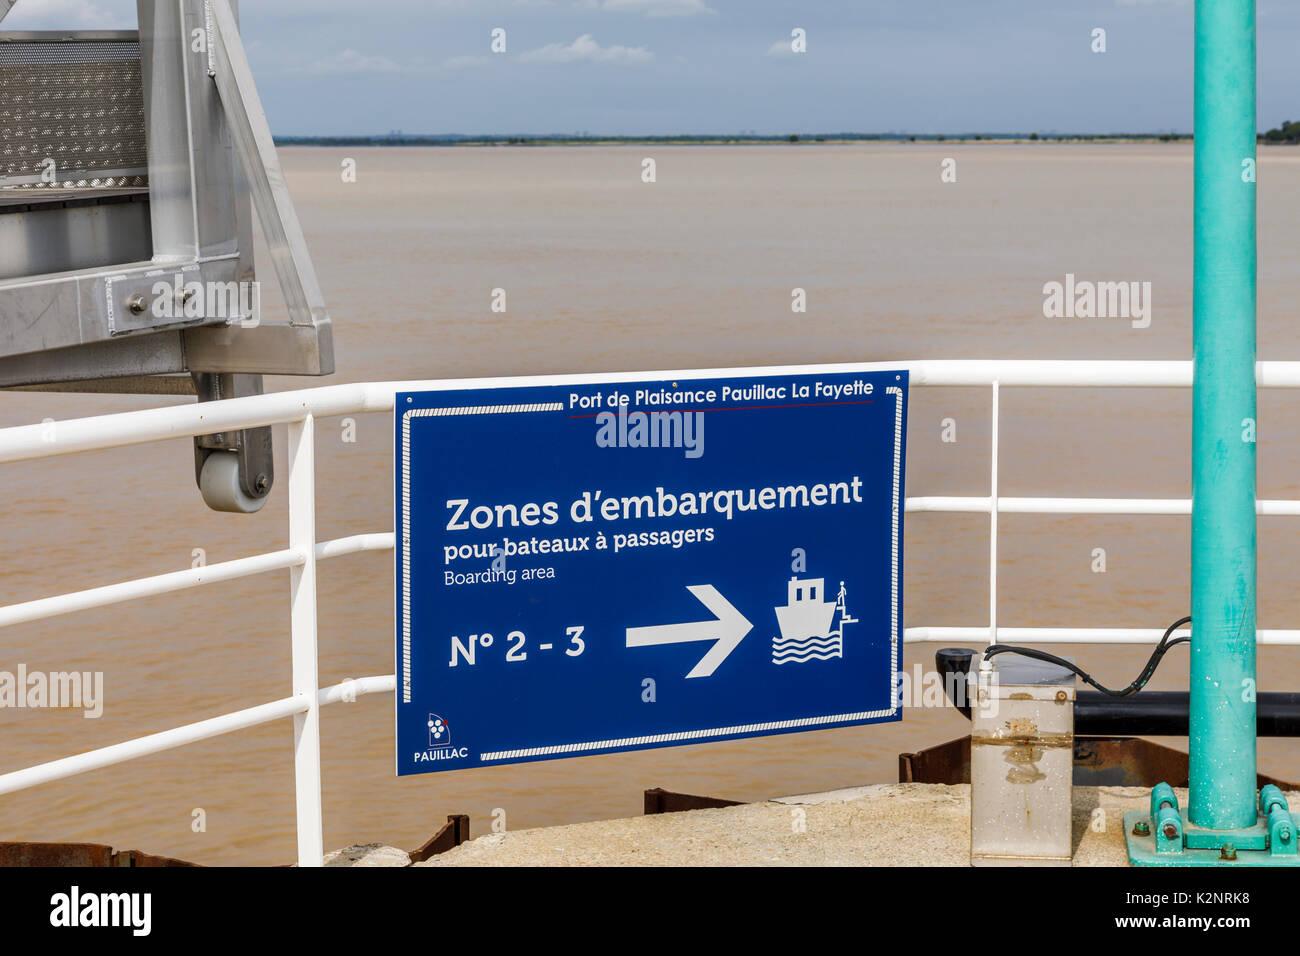 Hinweisschild für die Einschiffung der Passagiere, Marina in Pauillac, Gemeinde im Département Orne in Nouvelle-Aquitaine, südwestliche Frankreich Stockbild